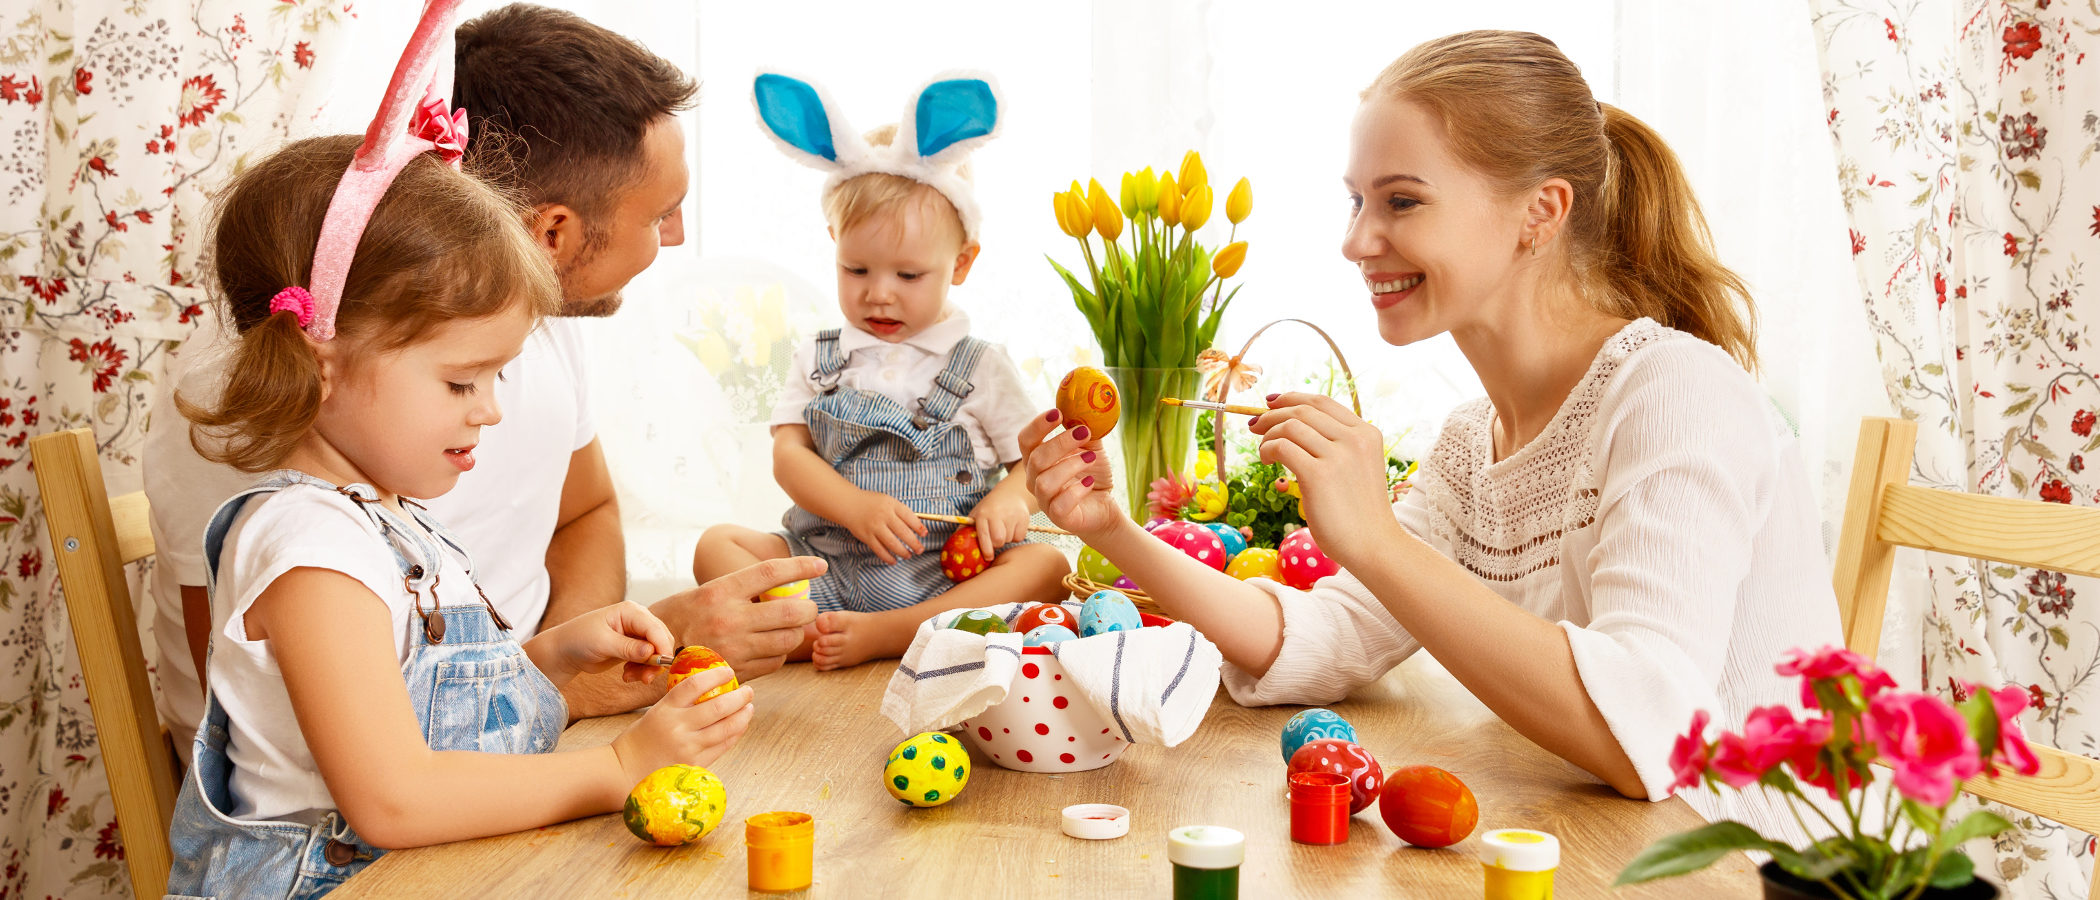 Cómo pintar huevos de Pascua con los niños